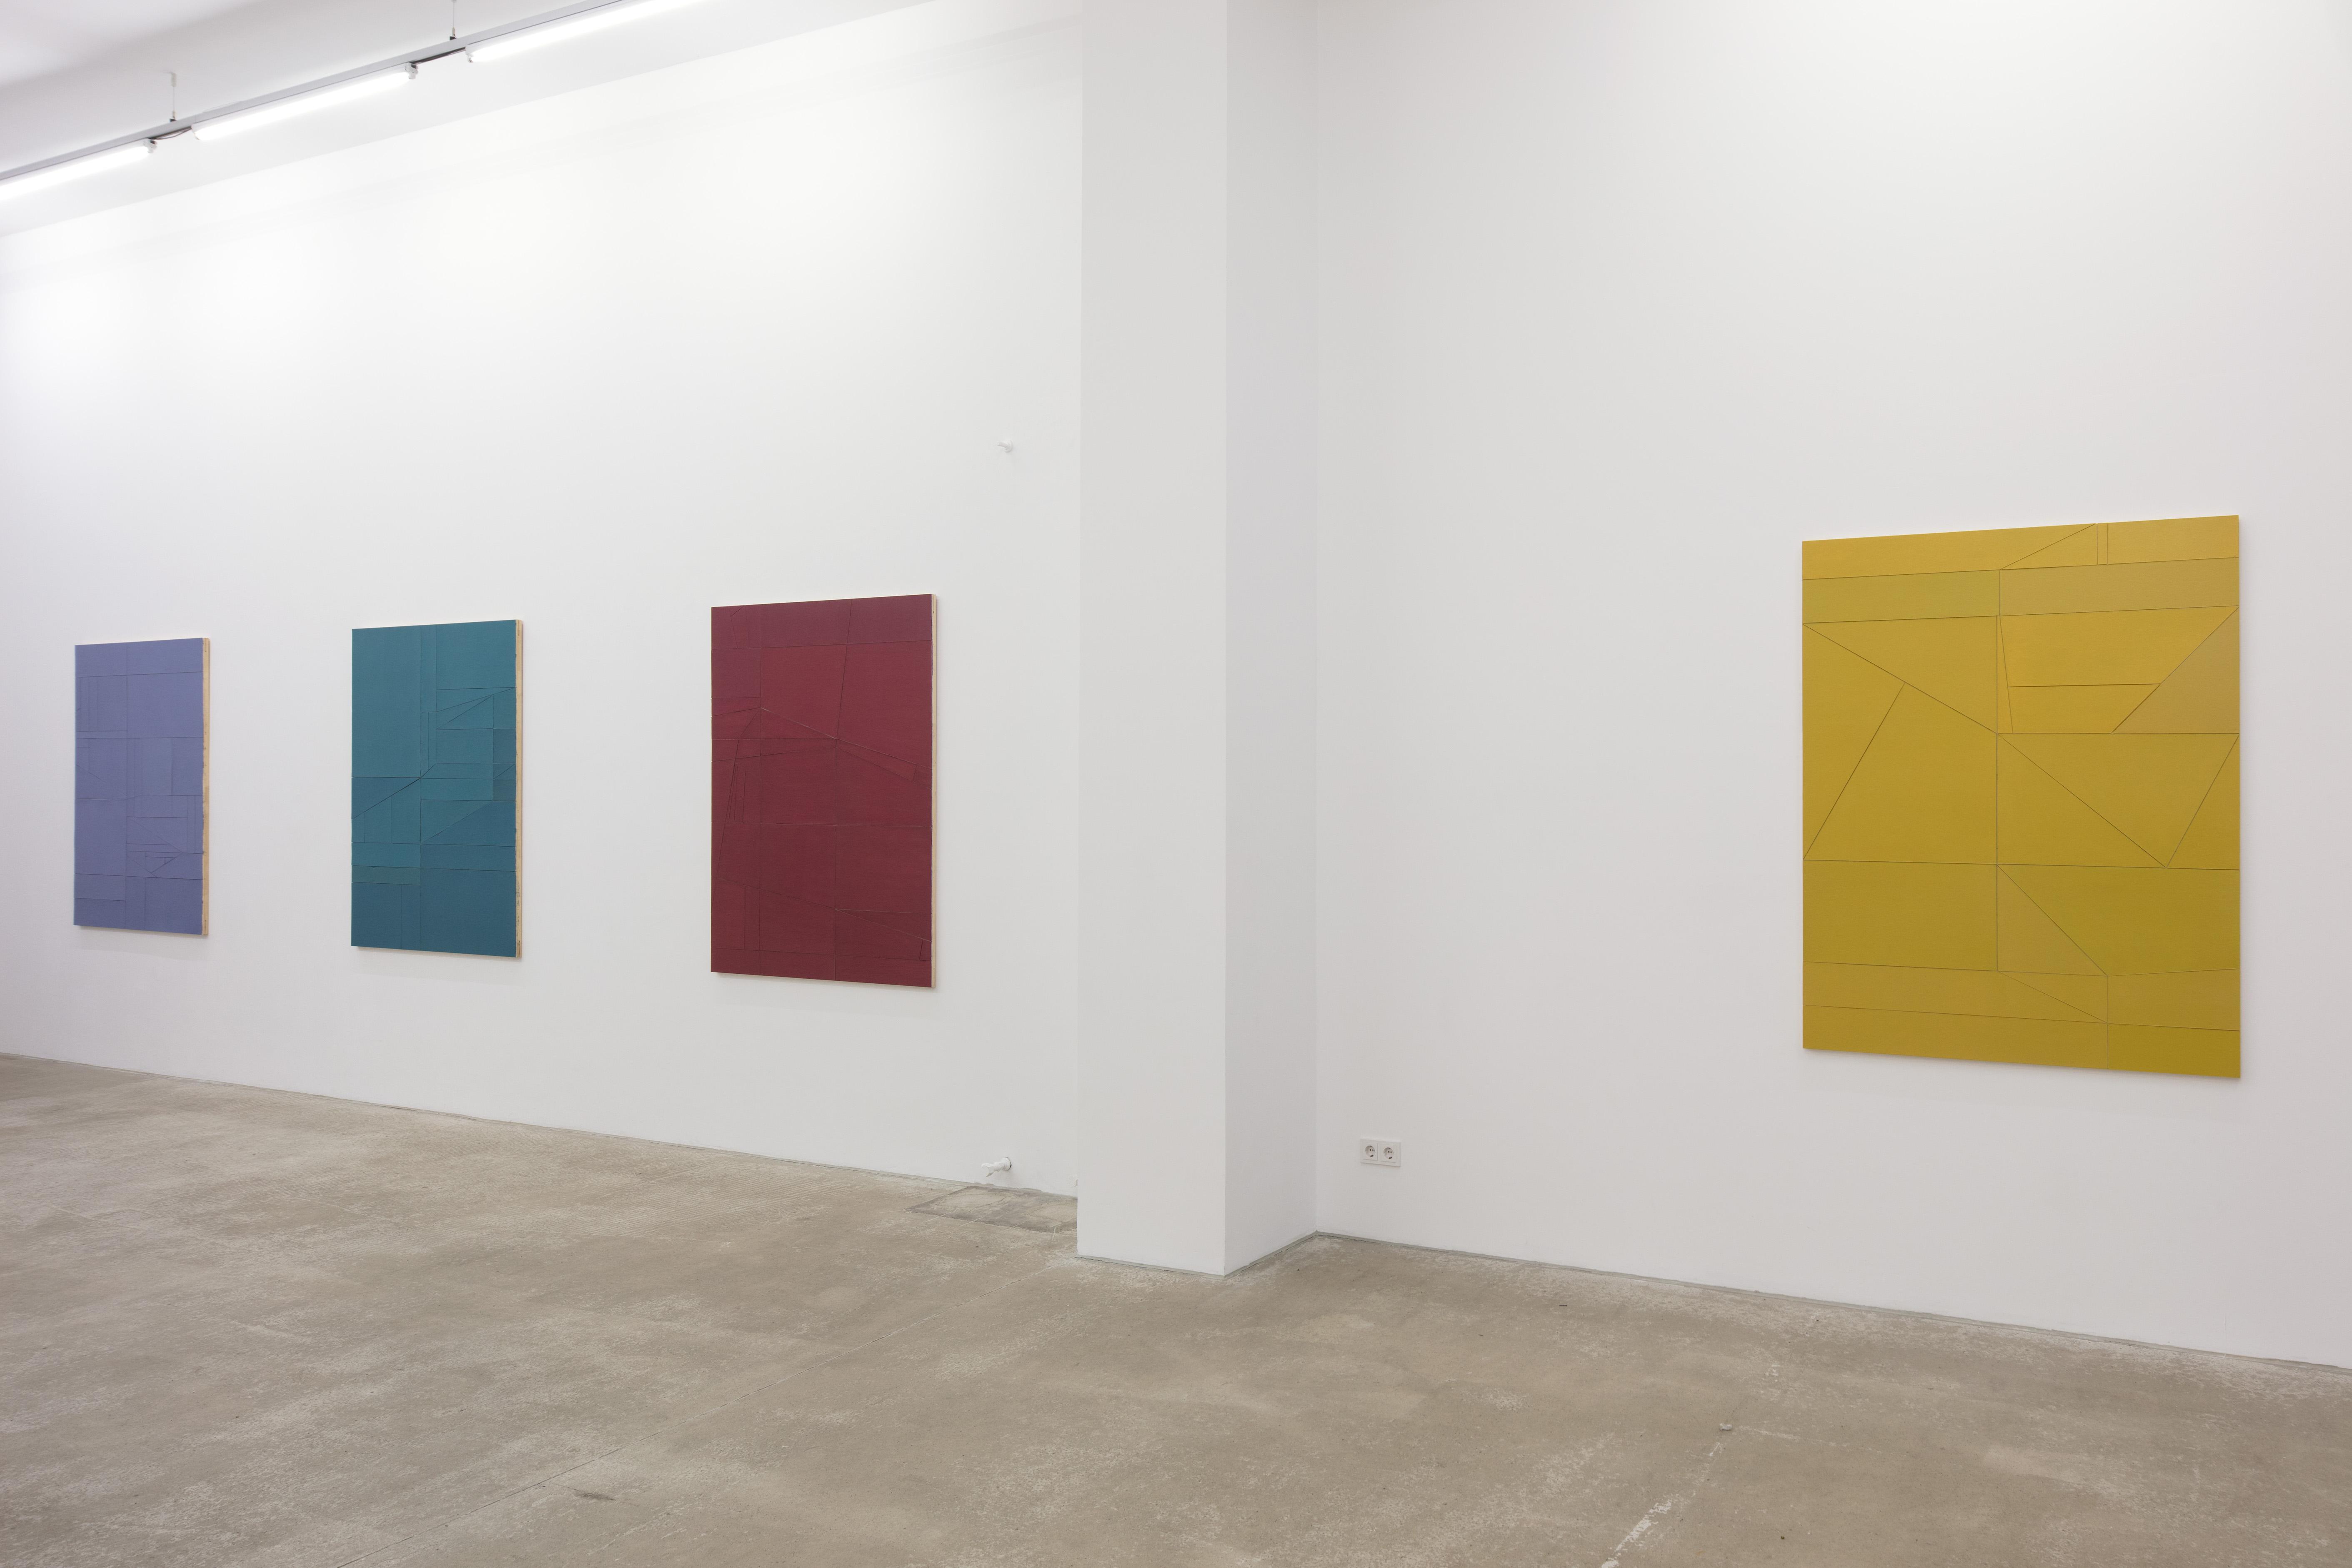 Juryvorauswahl und auszeichnungen strabag kunstforum for Minimal art by daniel marzona